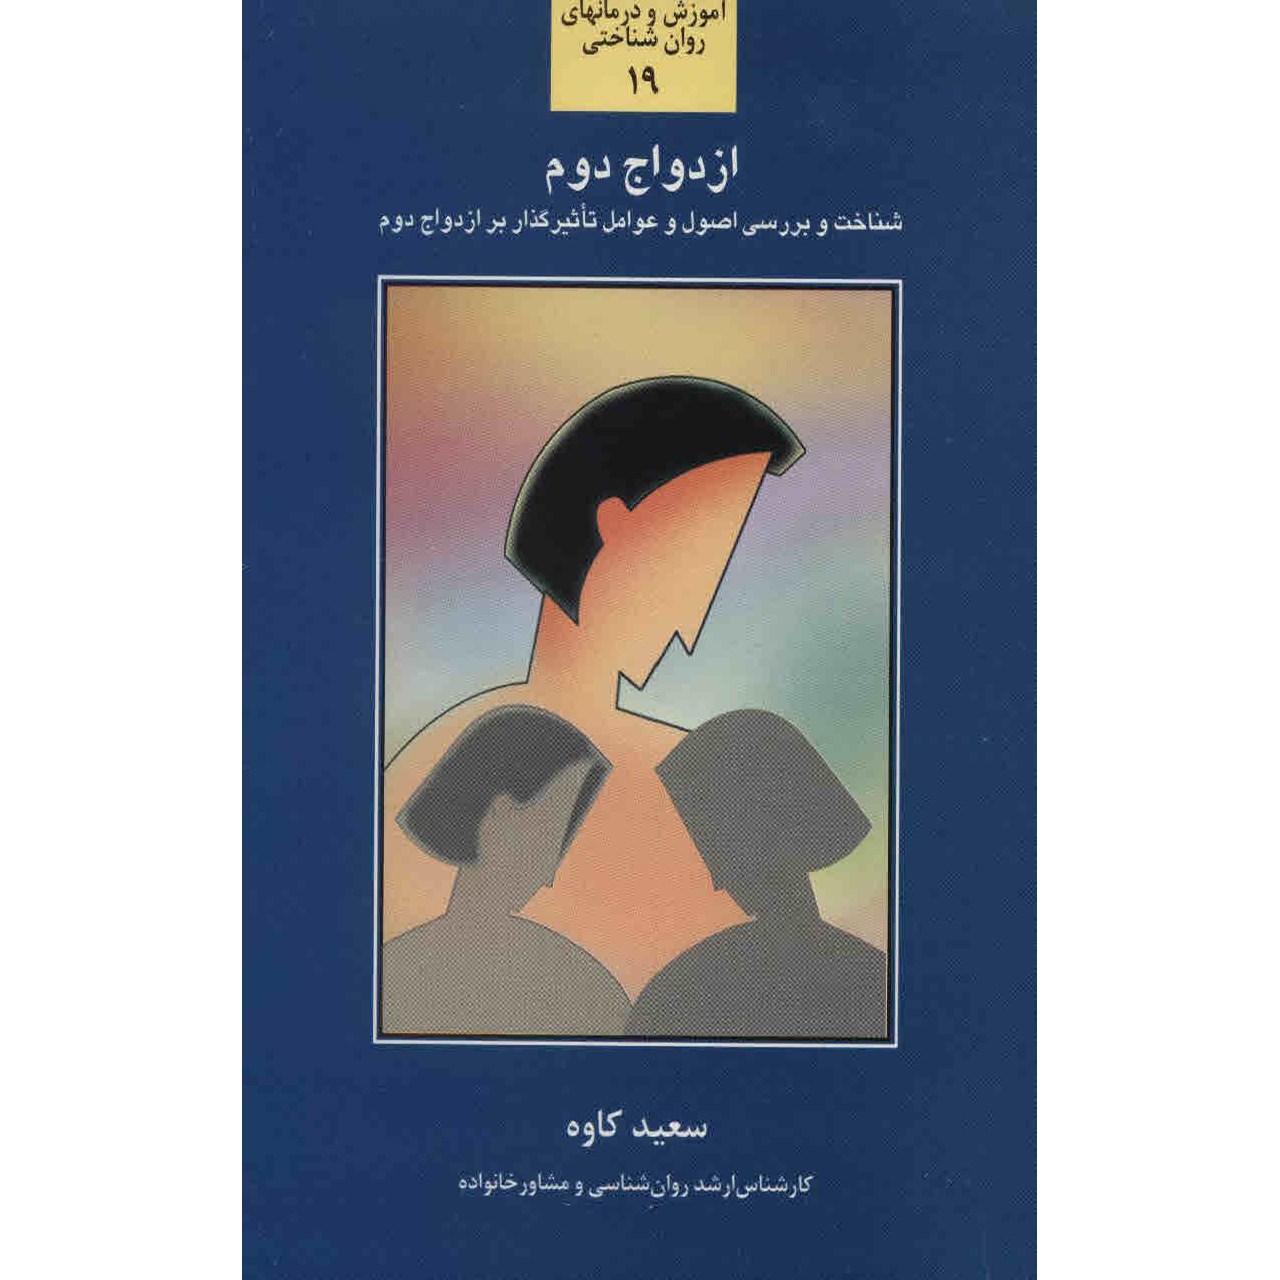 کتاب ازدواج دوم اثر سعید کاوه